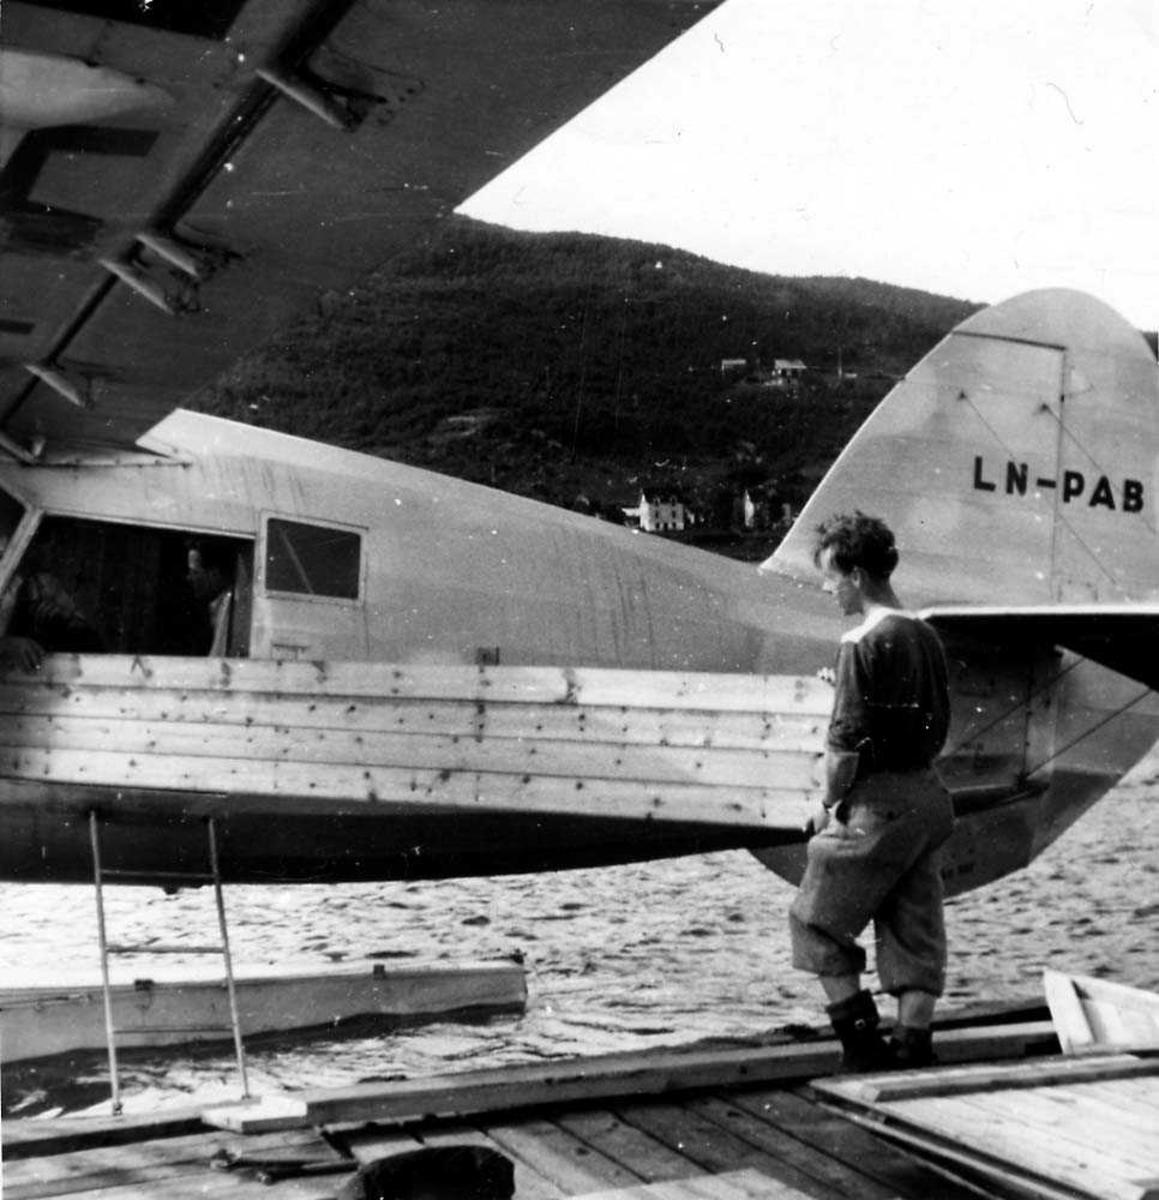 Ett fly som ligger på vannet ved en kai, Noorduyn Norseman VI-UC-64A-ND LN-PAB fra Polarfly. En person på kaien som laster noen treplanker inn/ut av flyet.